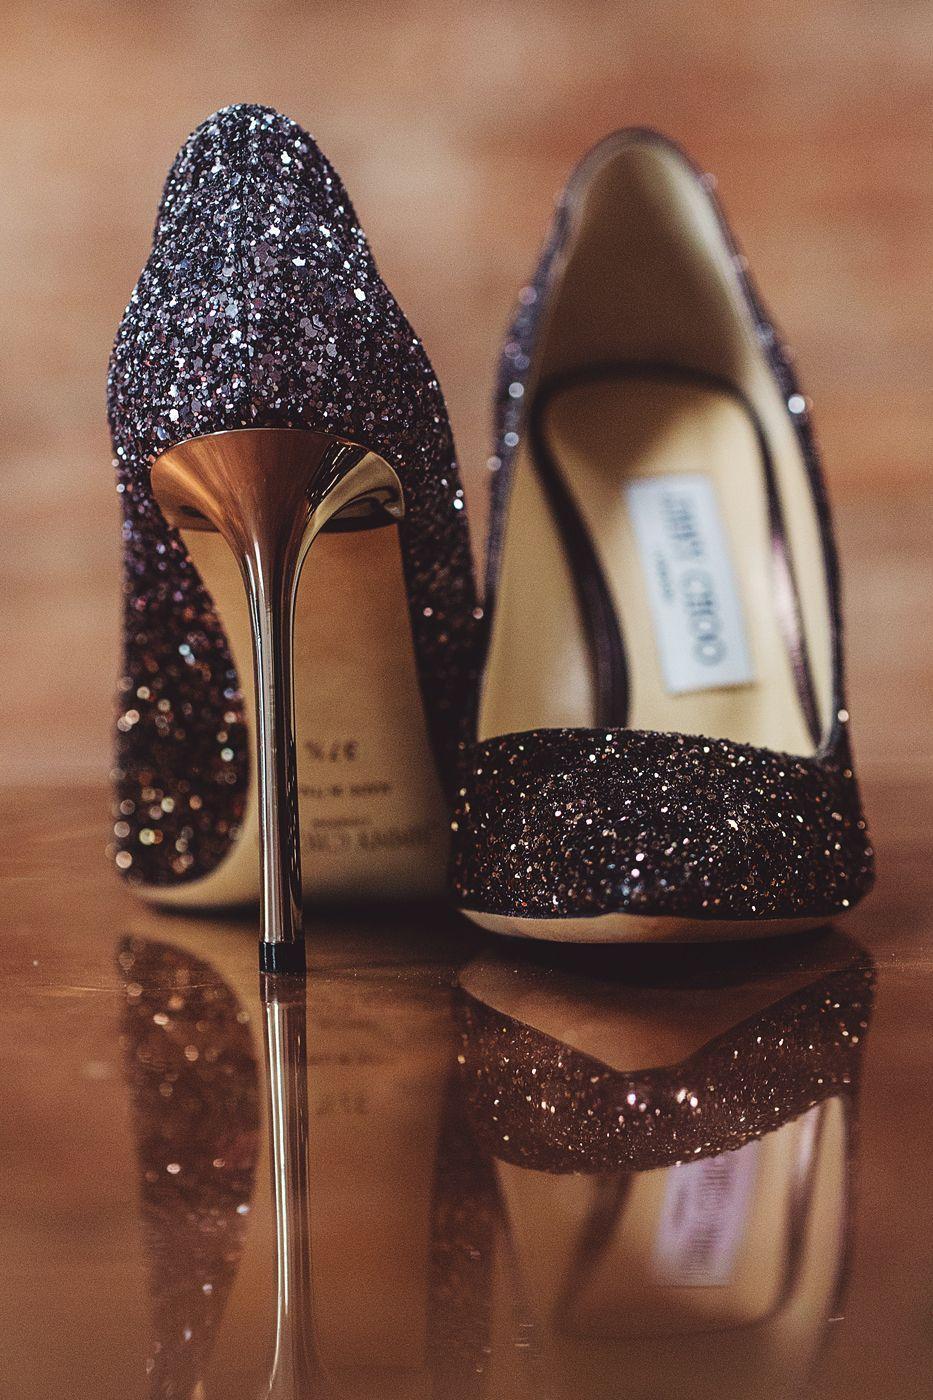 e7b69dd1907a glam glitter wedding shoes. glam glitter wedding shoes Shoes Heels ...